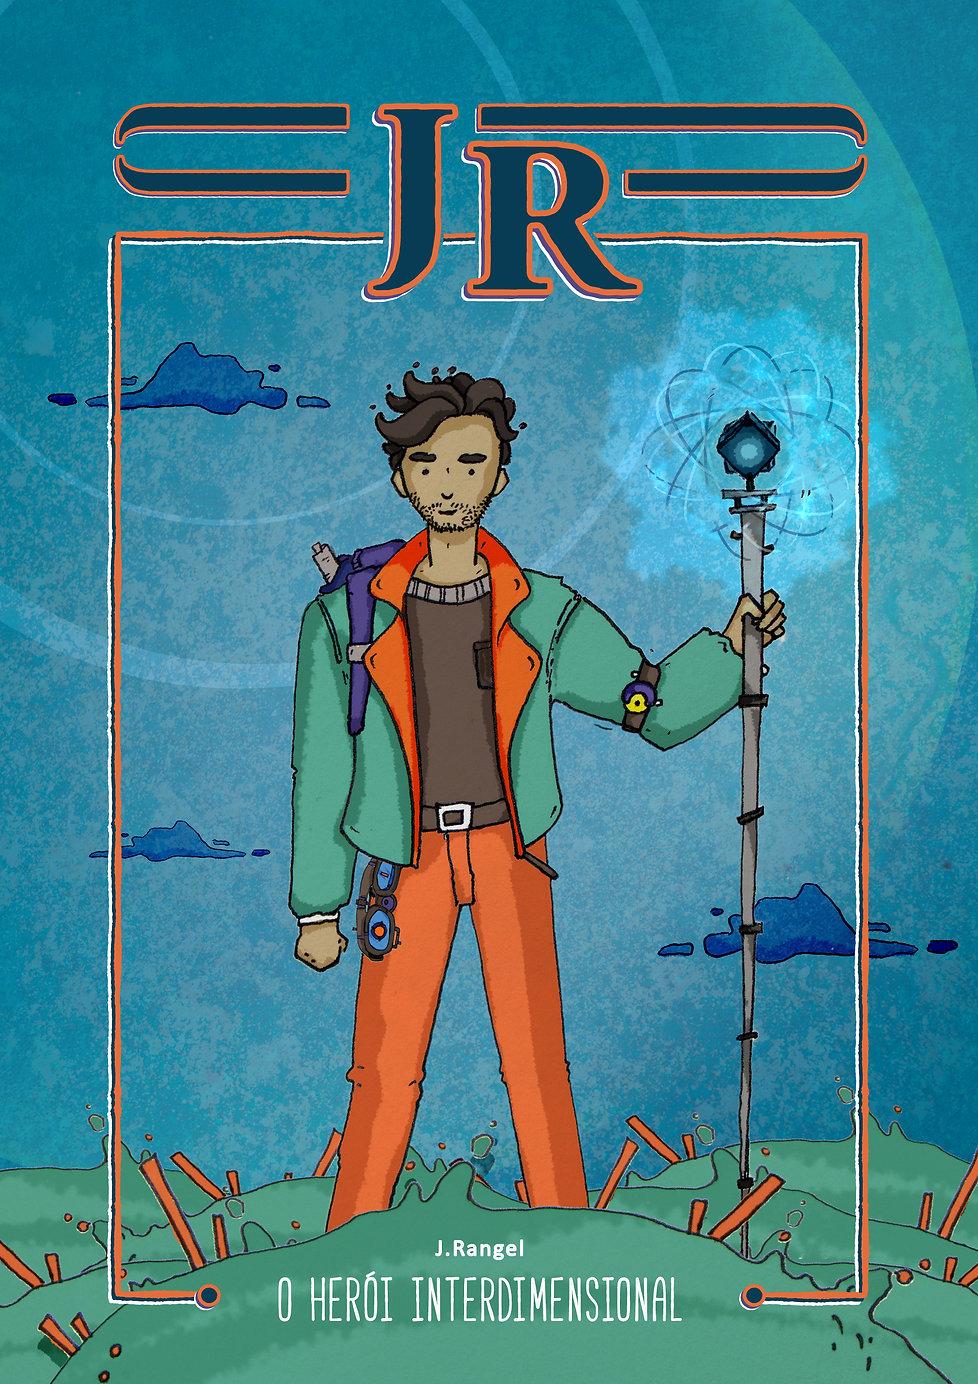 J.R. capa-01-01.jpg